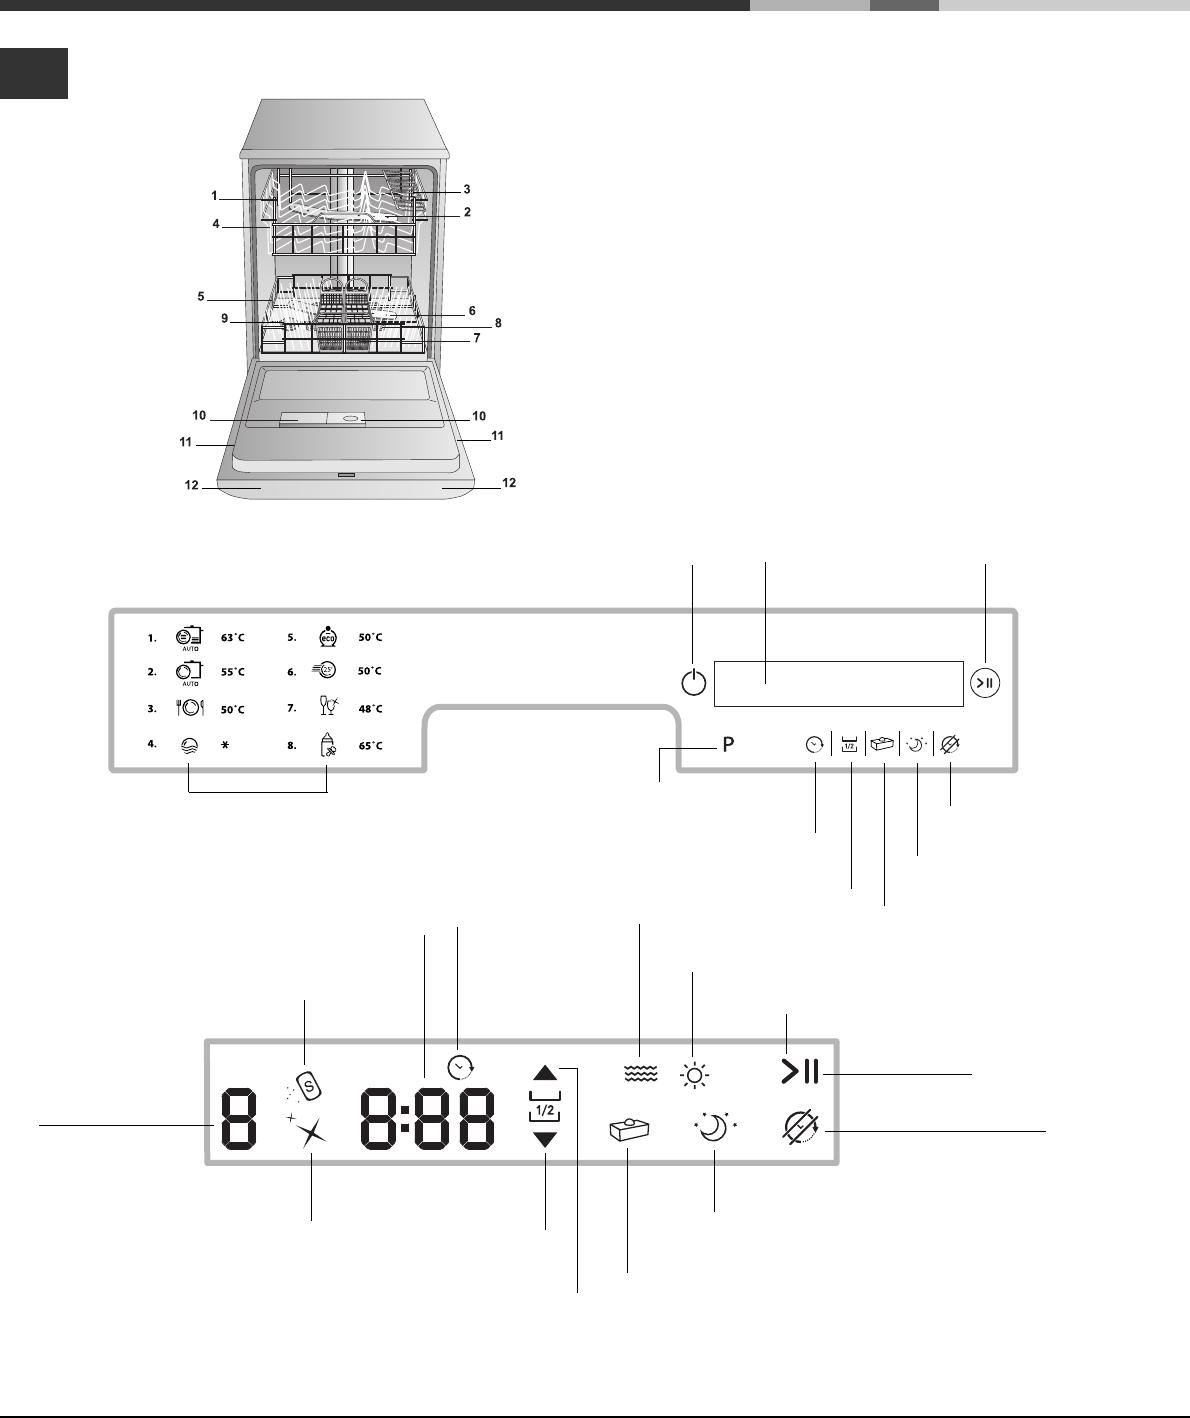 Bedienungsanleitung Hotpoint Ariston Pft 834x Seite 41 Von 84